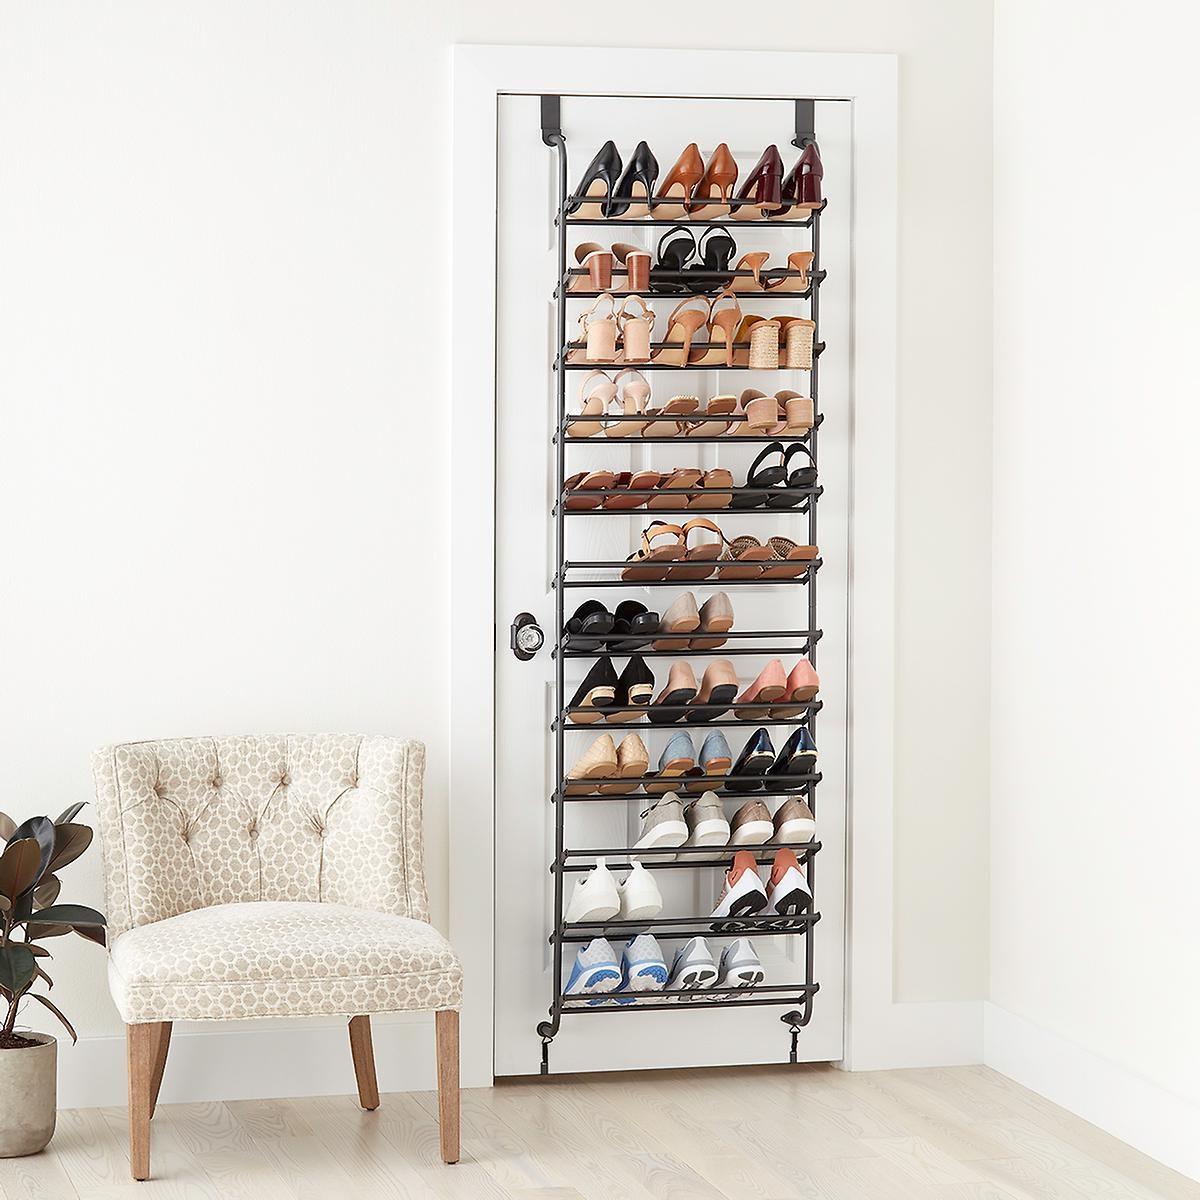 Idée de rangement pour les chaussures.